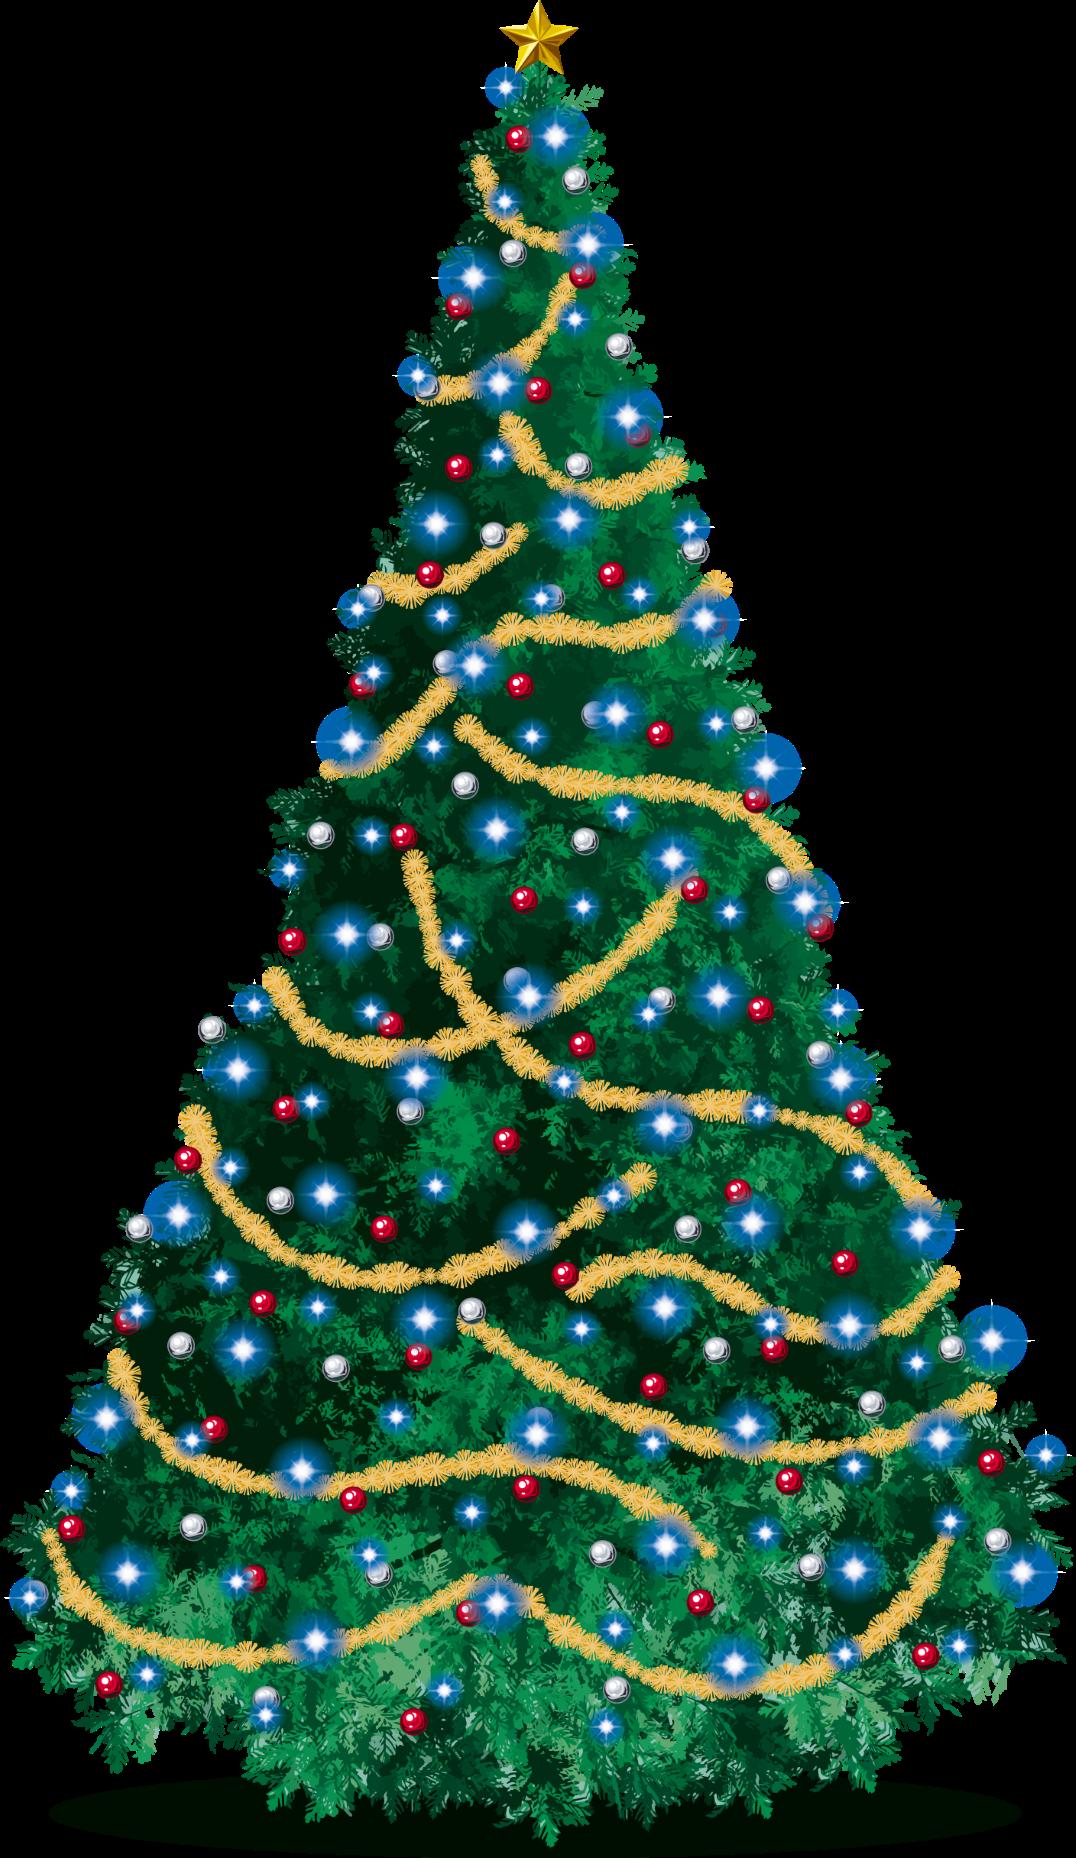 とってもきれいなクリスマスツリー